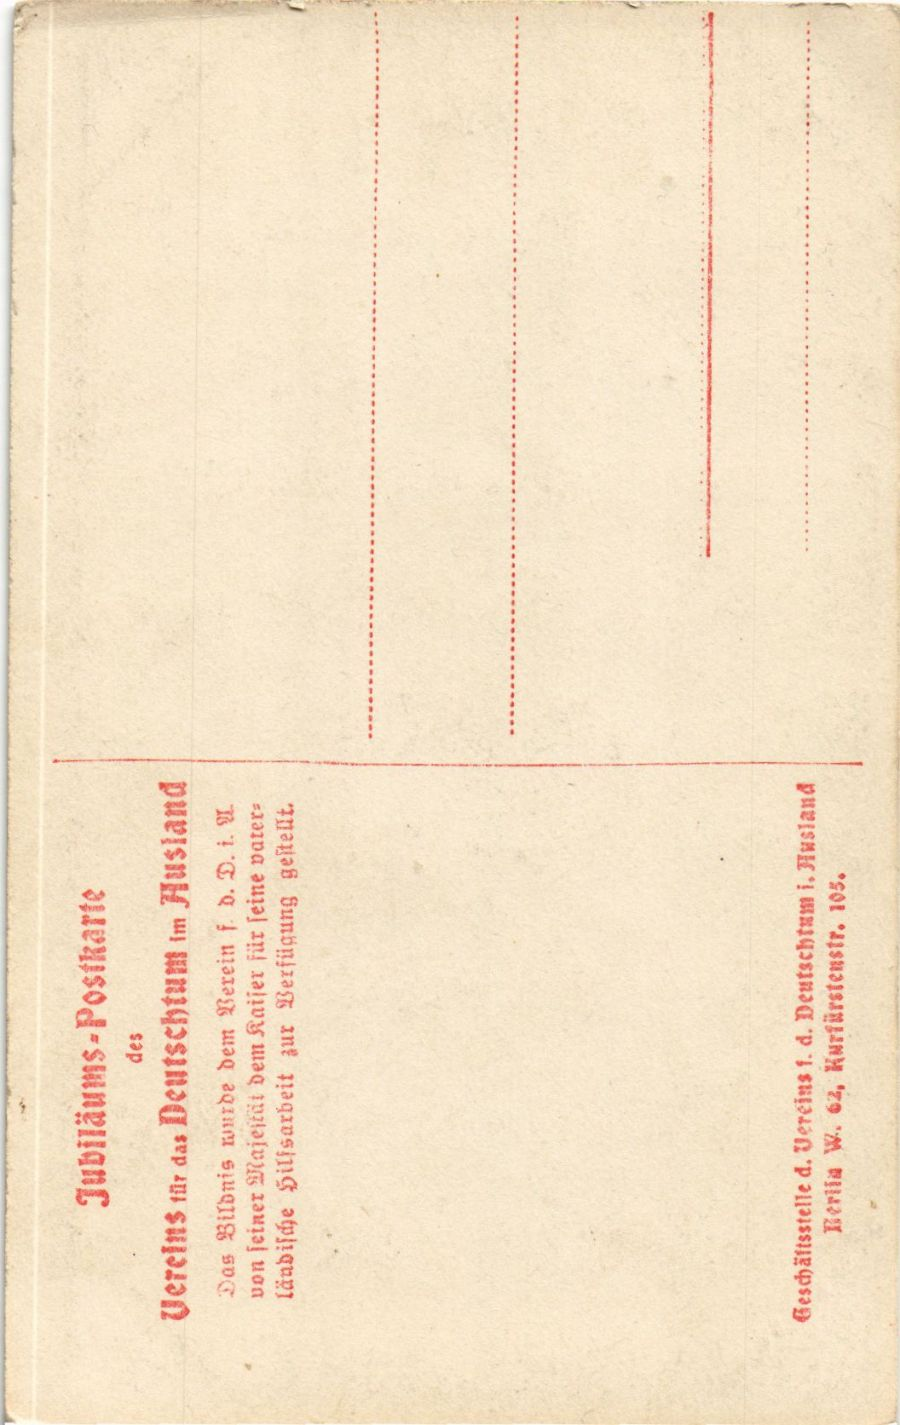 CPA-AK-Kaiser-Wilhelm-II-GERMAN-ROYALTY-867497 Indexbild 2